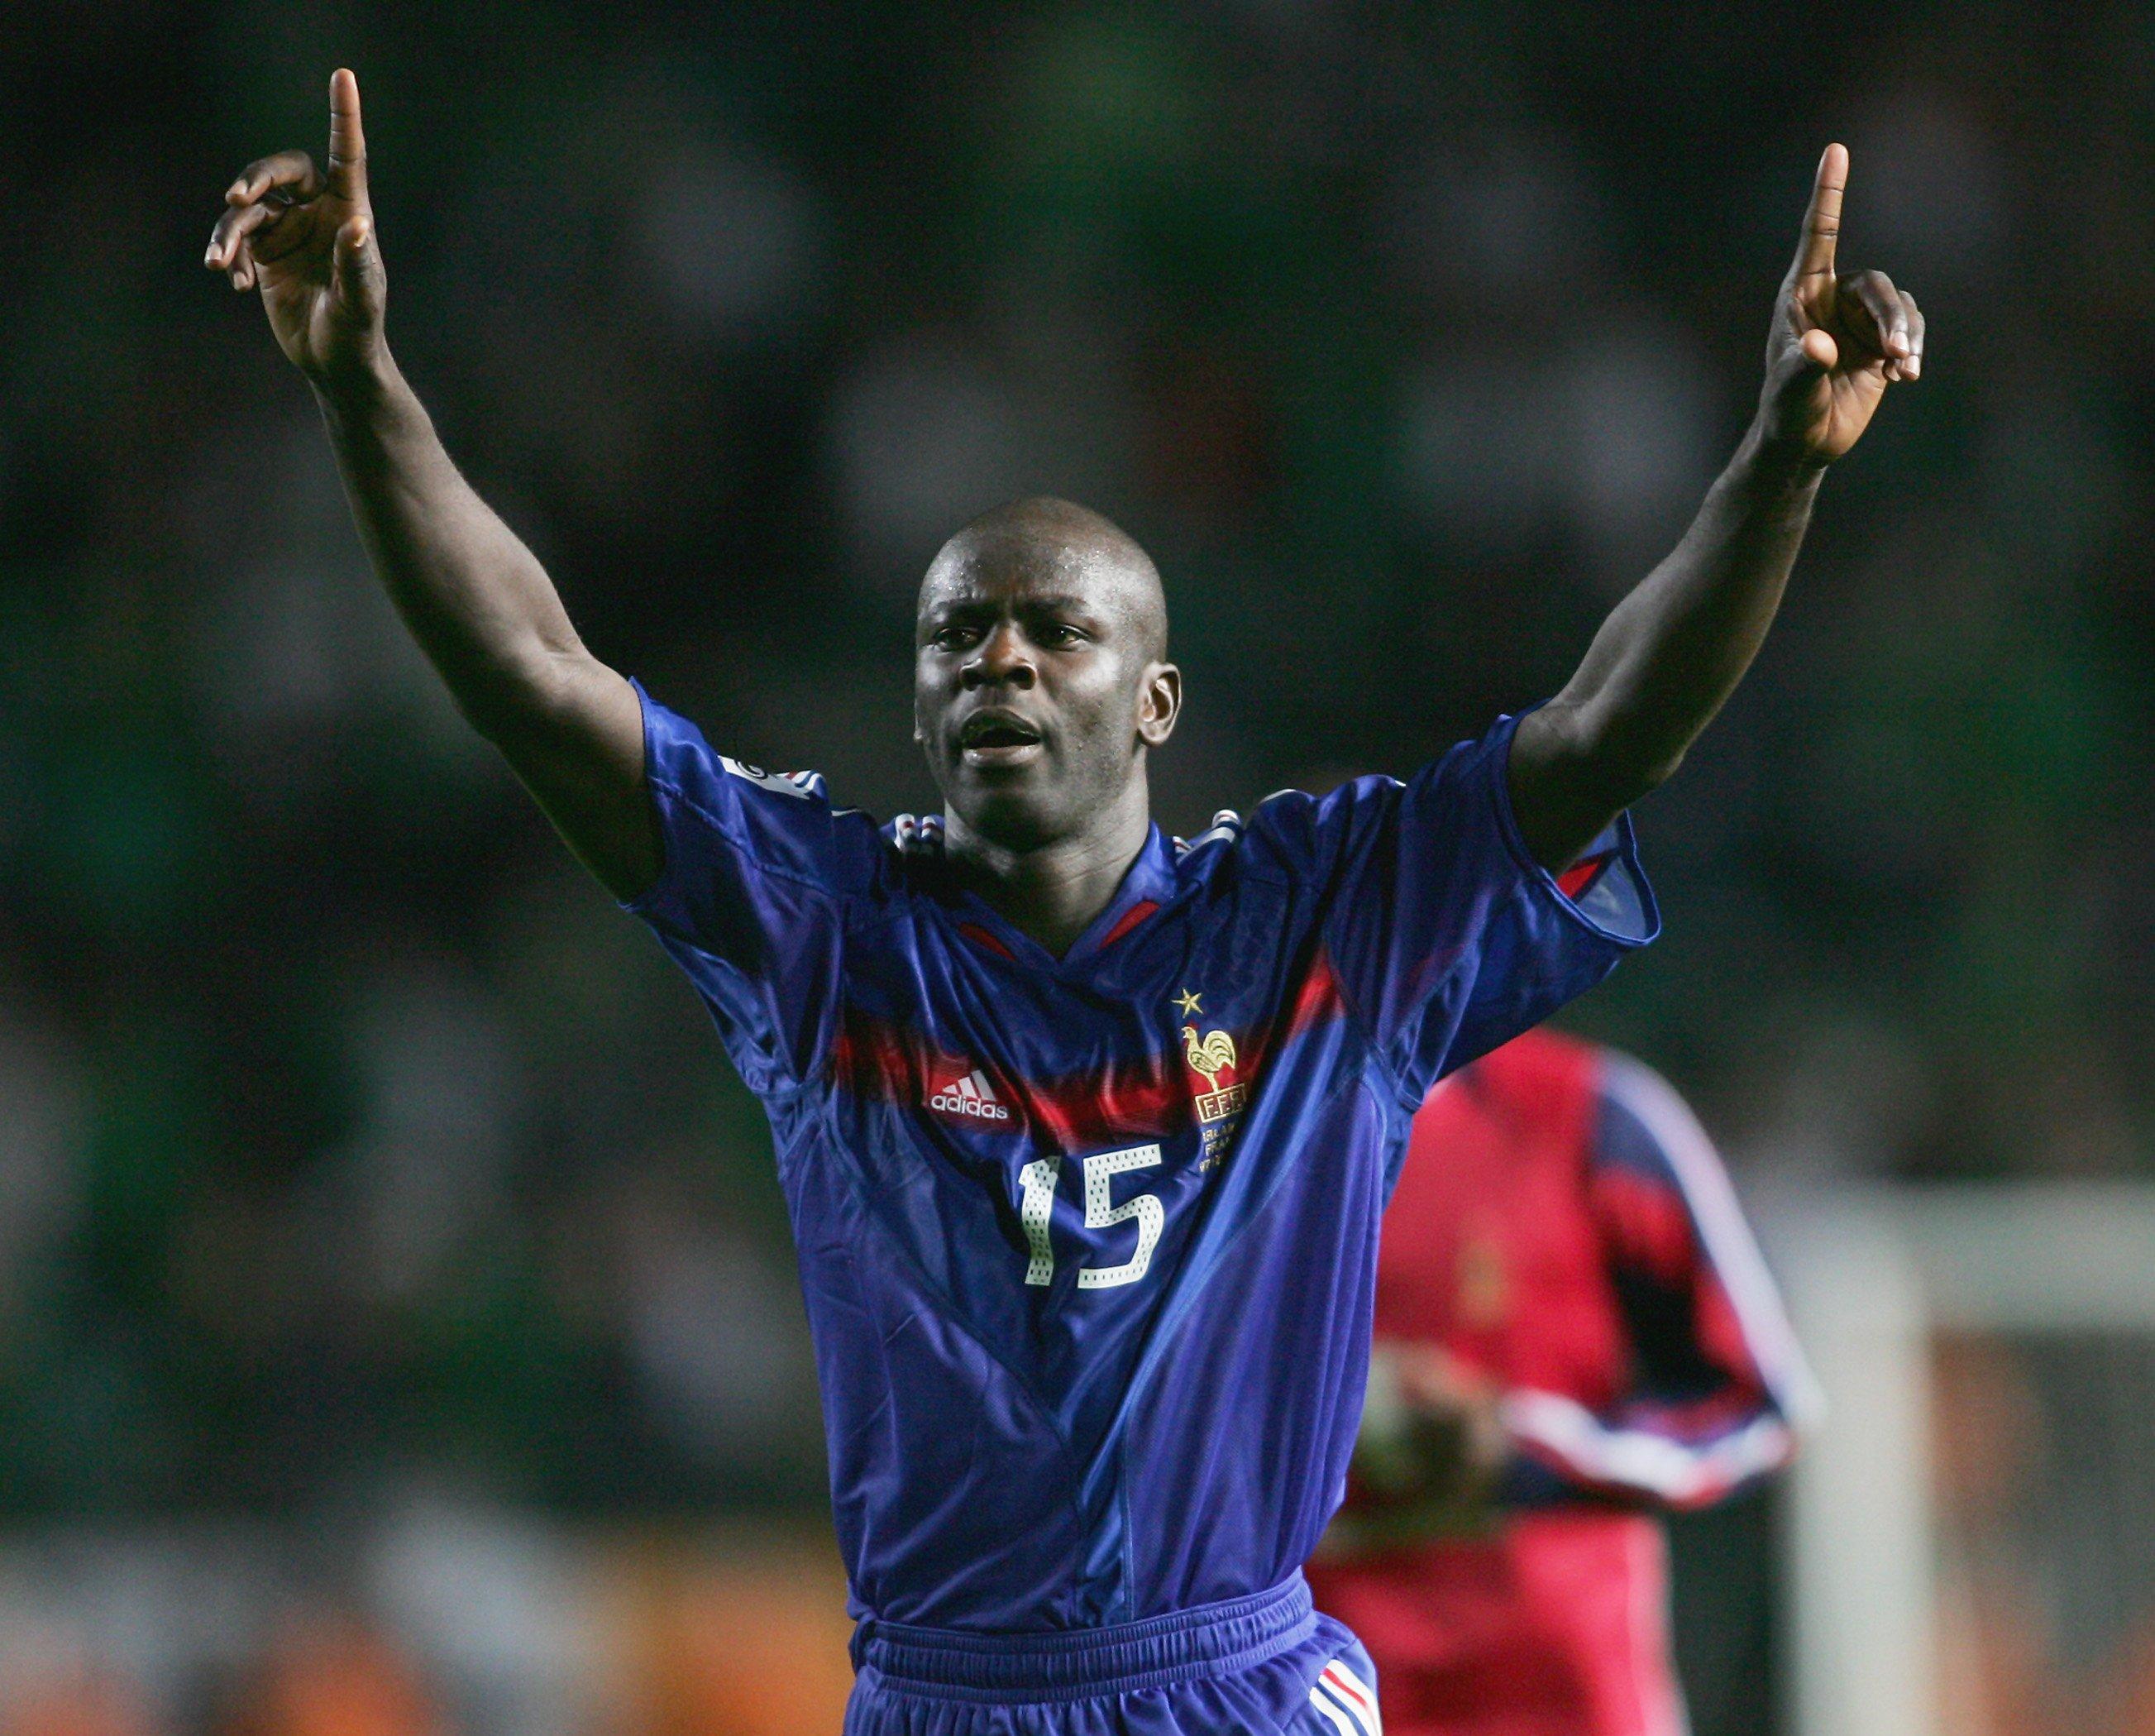 Лилиан Тюрам забил за 142 игры за сборную Франции всего 2 мяча - и оба в ворота Хорватии на ЧМ-98.